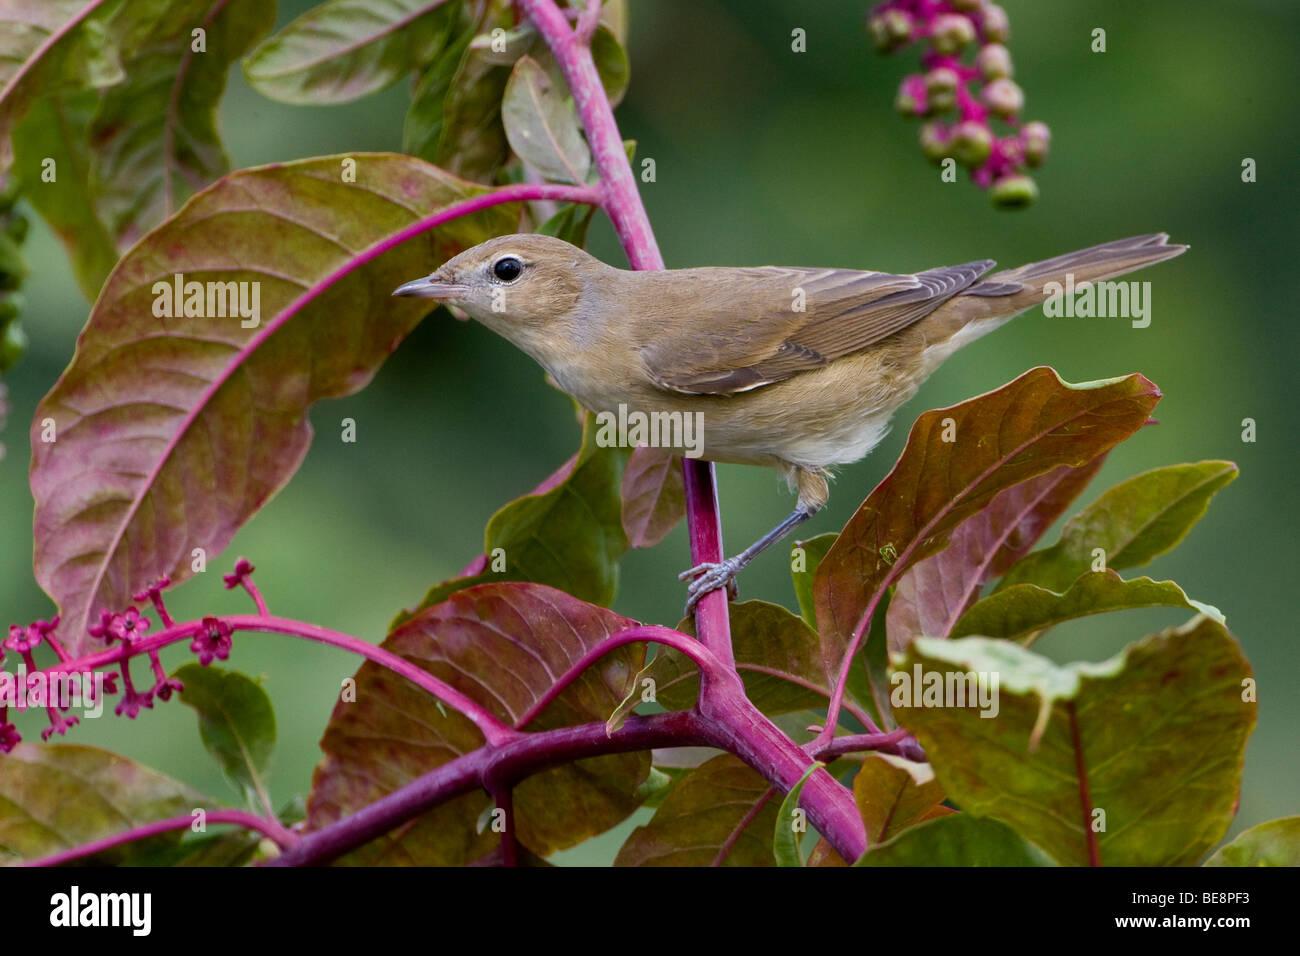 Tuinfluiter zittend op tak volgeladen met besjes. Gardenwarbler sitting on a twig loaded with berries. Stock Photo